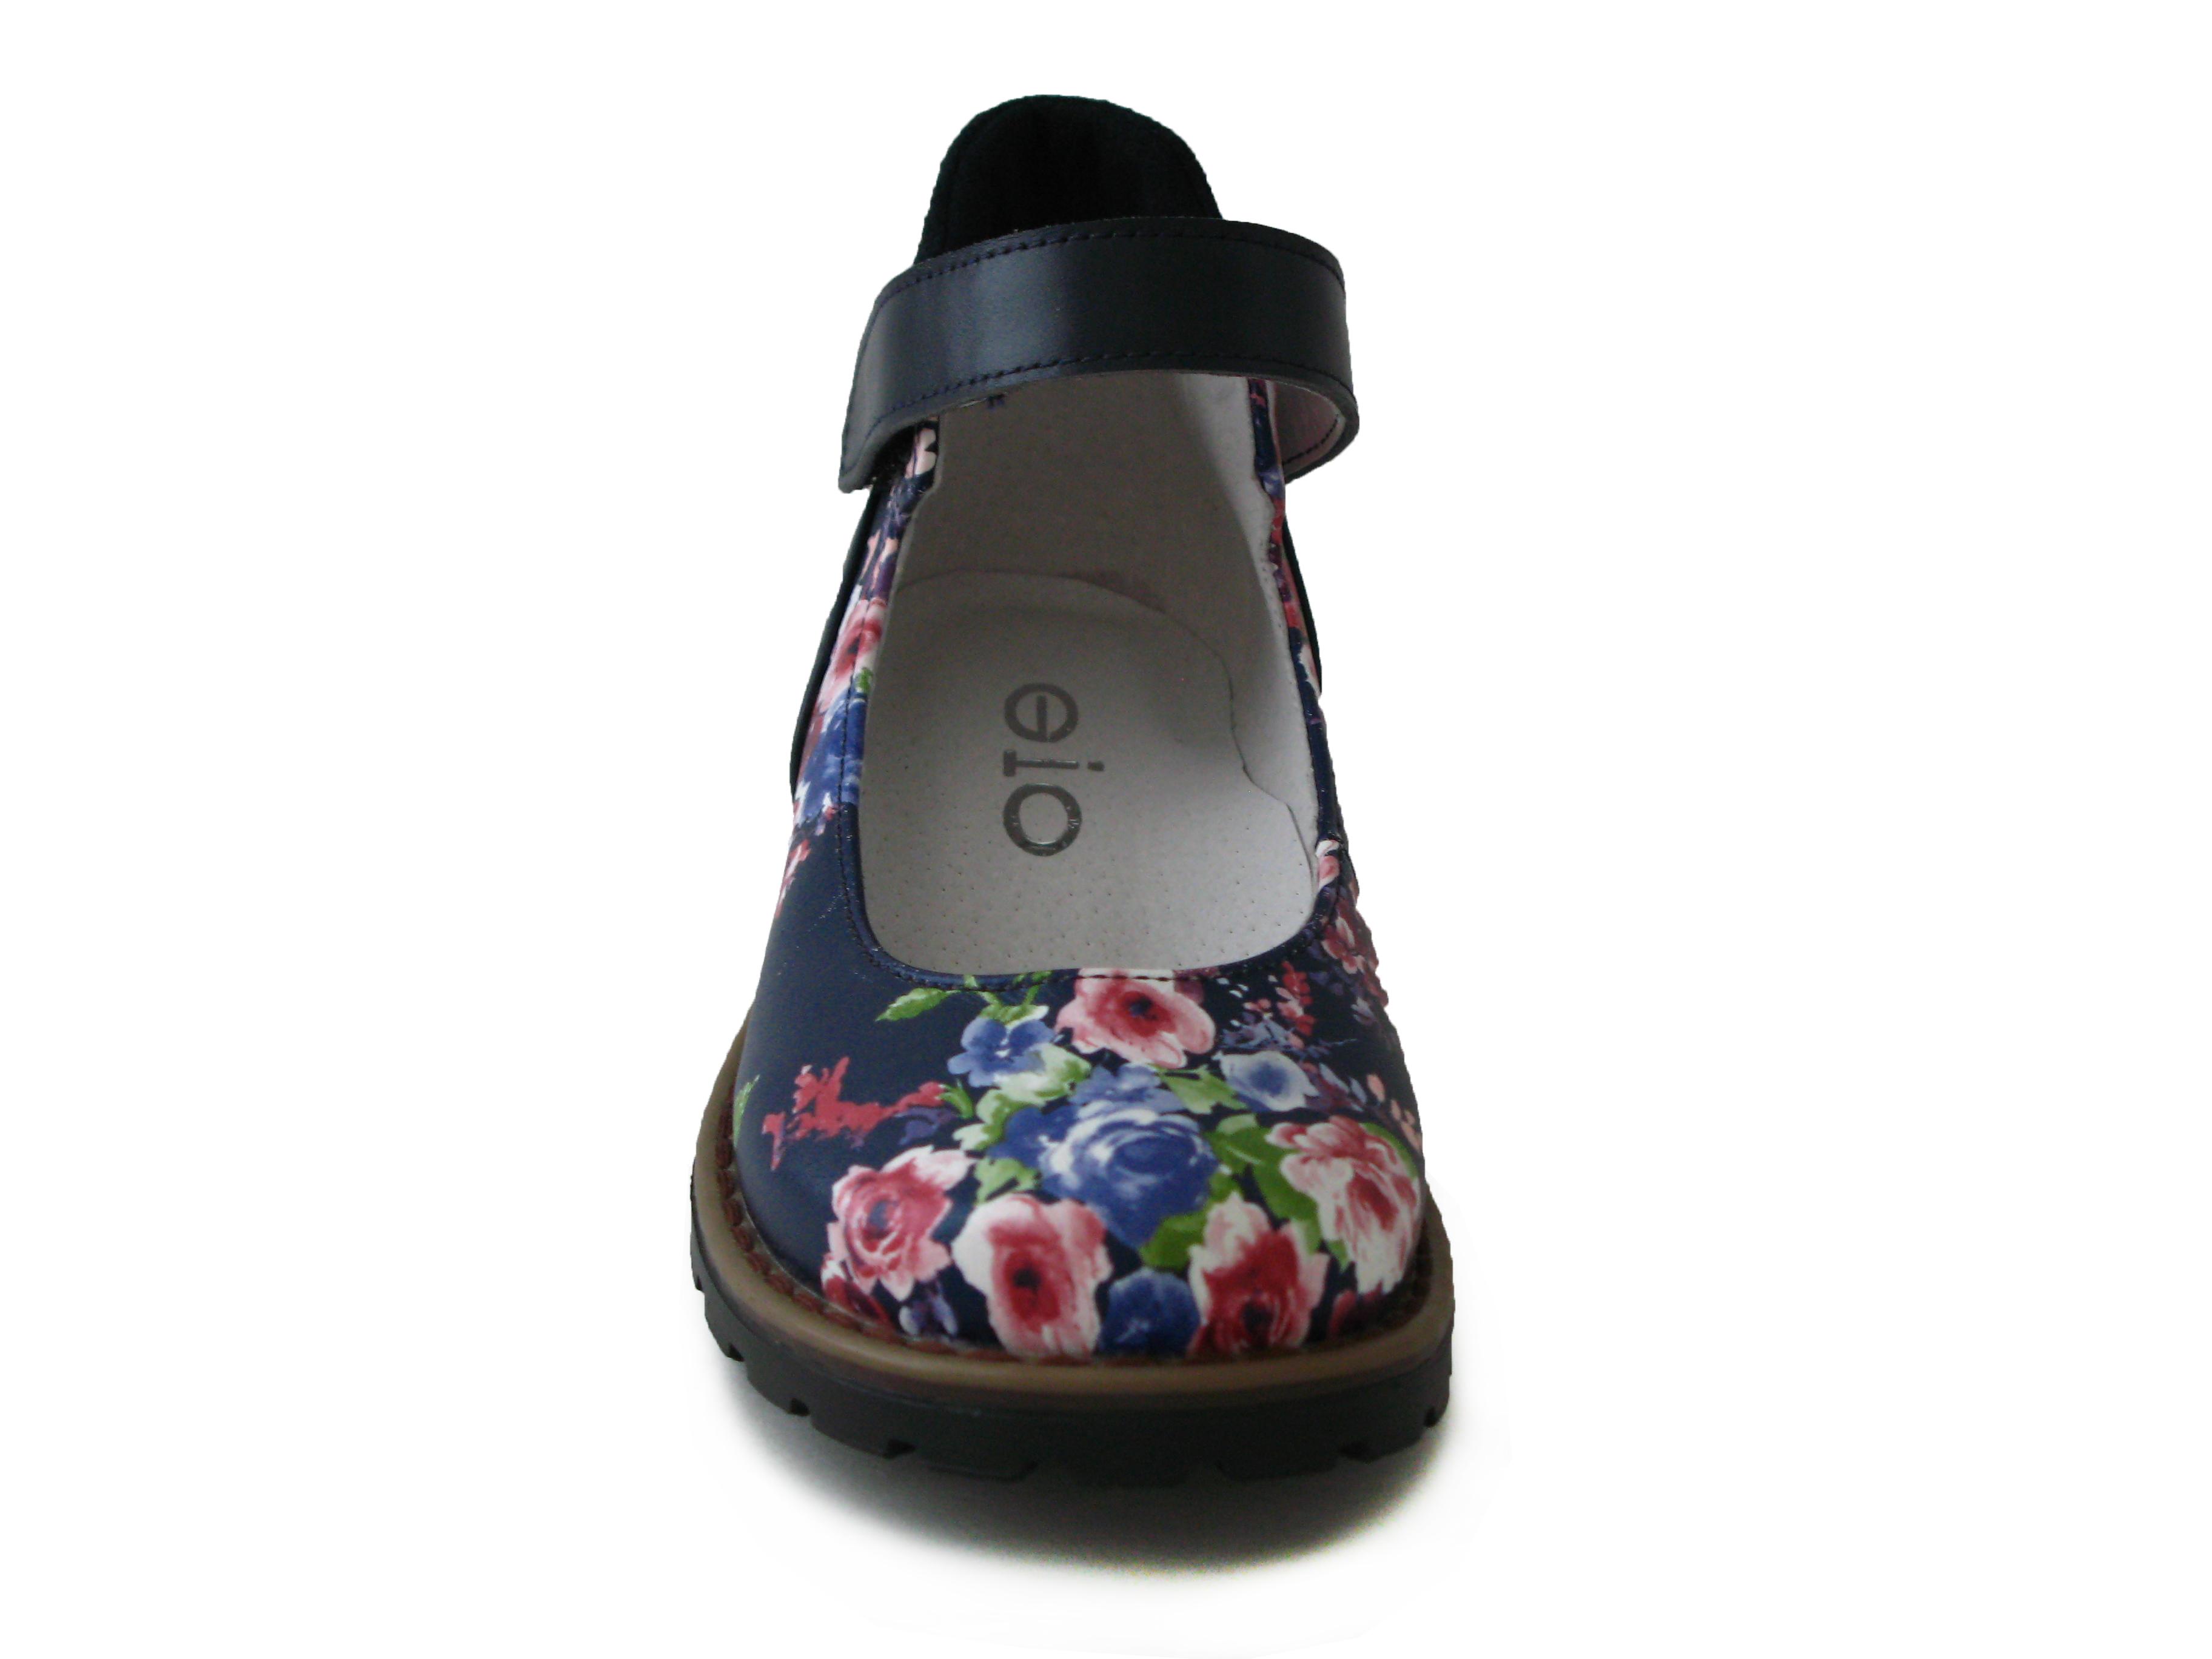 f83ac246f2c43c Туфлі з квітковим принтом Giorgio Vito купити у роздріб. loading...  Наведіть курсор, щоб збільшити